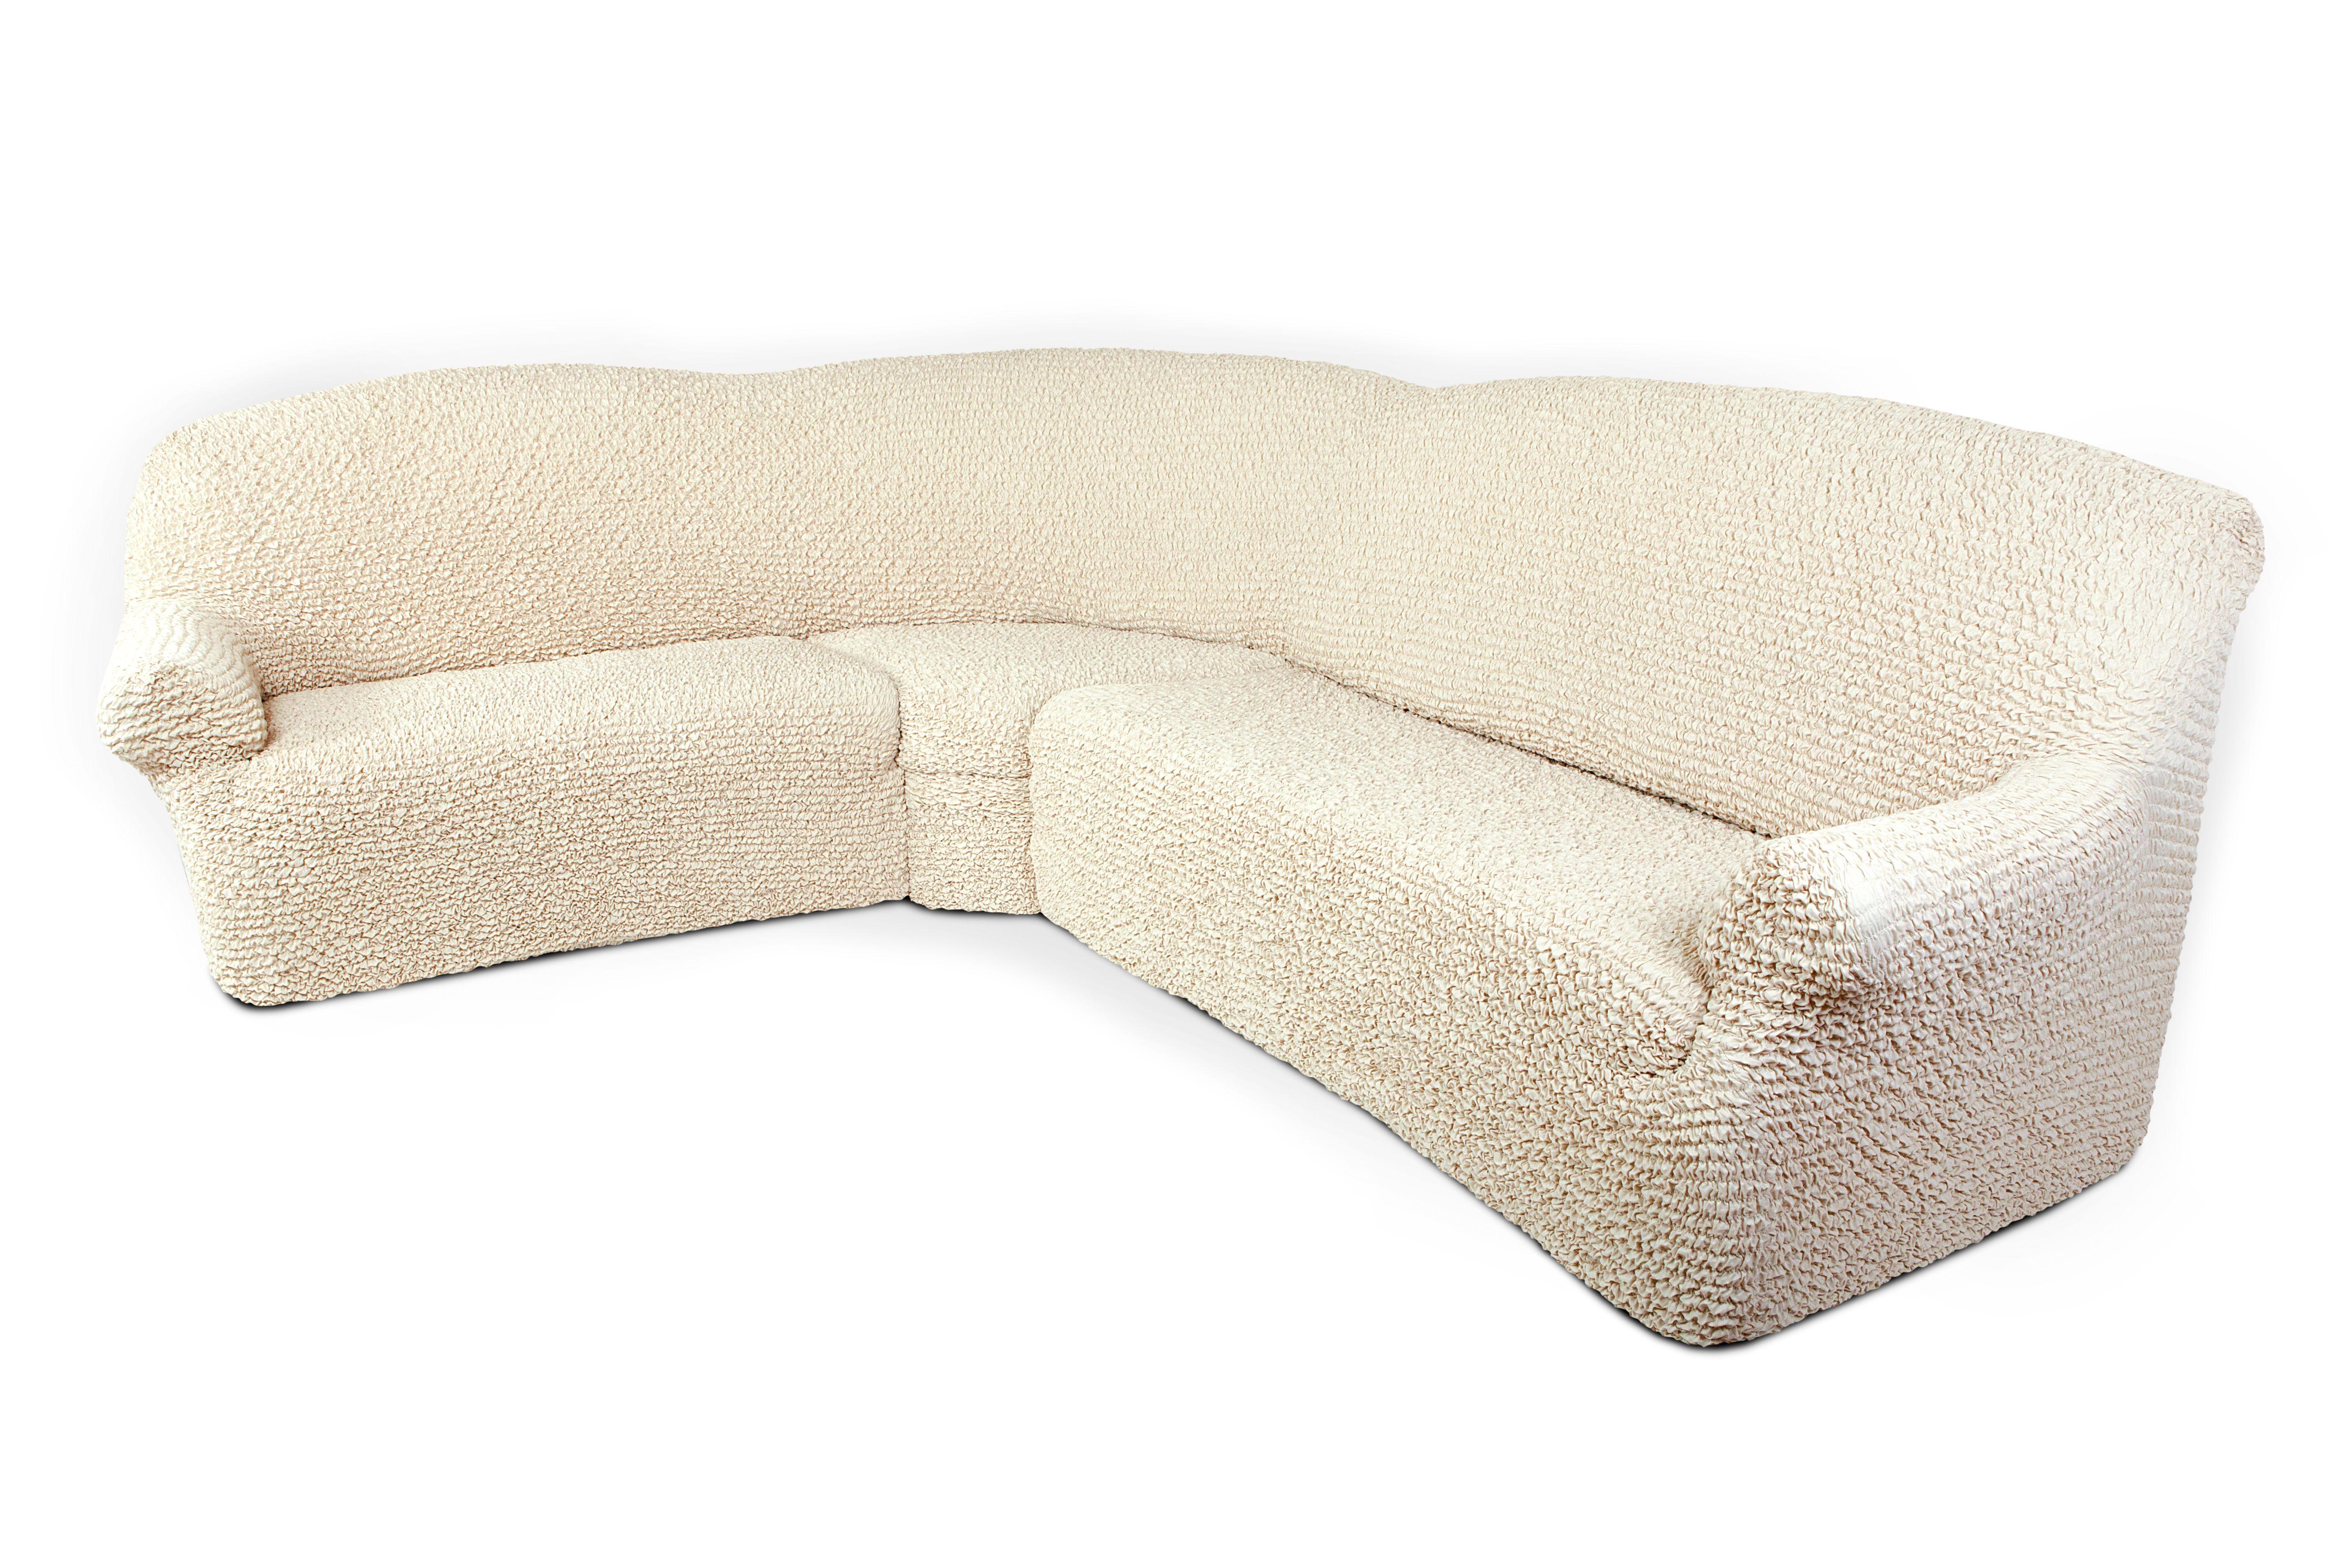 Чехол на угловой диван Еврочехол Микрофибра, цвет: ванильный, 380-550 см3/22-8Чехол на классический угловой диван Еврочехол Микрофибра выполнен из 100% полиэстера. Он идеально подойдет для тех, кто хочет защитить свою мебель от постоянных воздействий. Этот чехол, благодаря прочности ткани, станет идеальным решением для владельцев домашних животных. Кроме того, состав ткани гипоаллергенен, а потому безопасен для малышей или людей пожилого возраста. Такой чехол отлично впишется в любой интерьер. Еврочехол послужит не только практичной защитой для вашей мебели, но и приятно удивит вас мягкостью ткани и итальянским качеством производства. Растяжимость чехла по спинке (без учета подлокотников): 380-550 см.